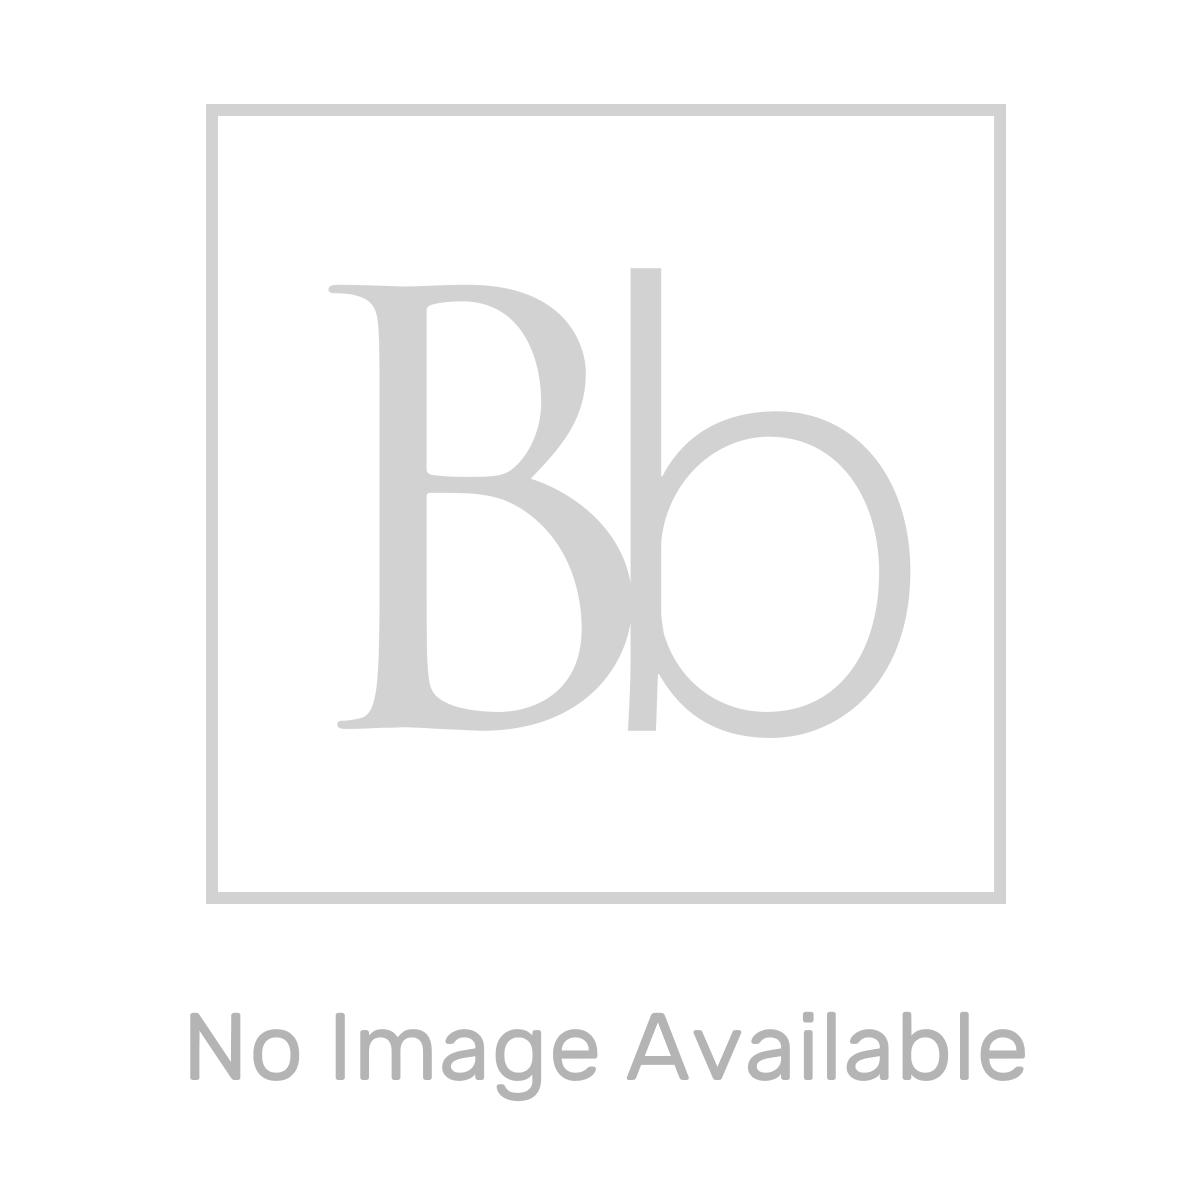 Aquadart Aqualavo Black Slate Shower Tray 1600 x 760